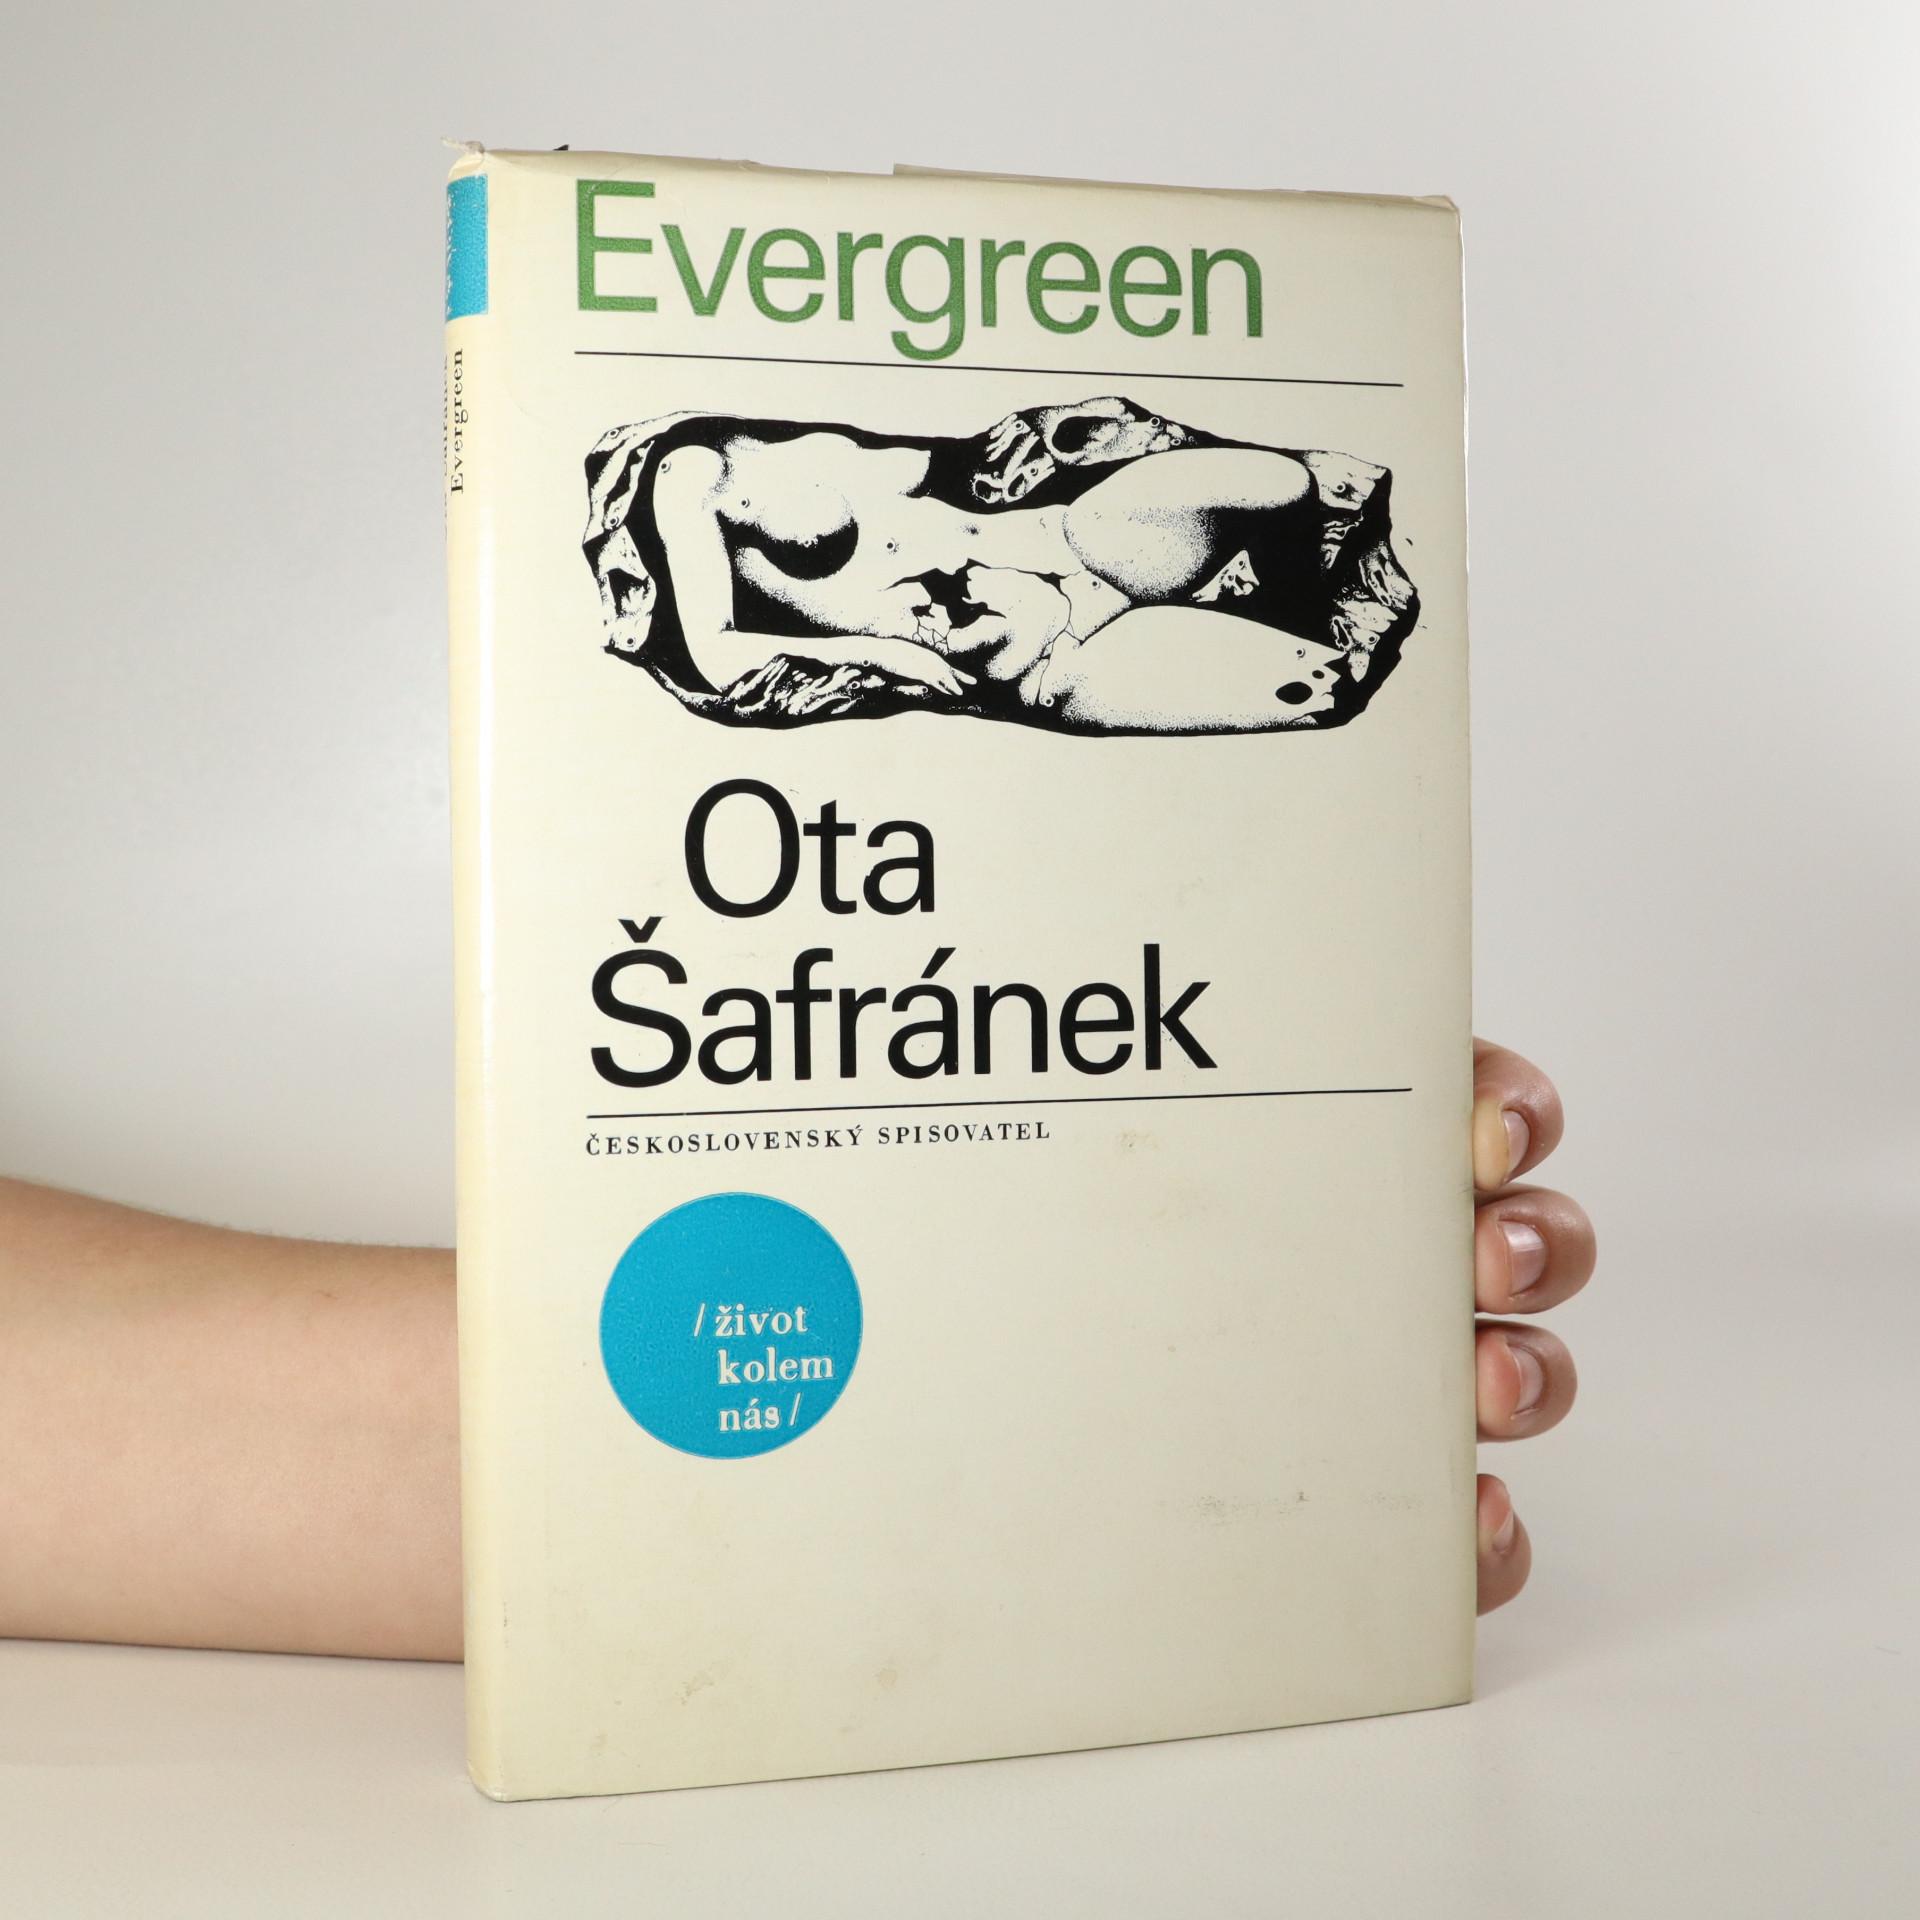 antikvární kniha Evergreen aneb Jedinečné třeštění, 1968